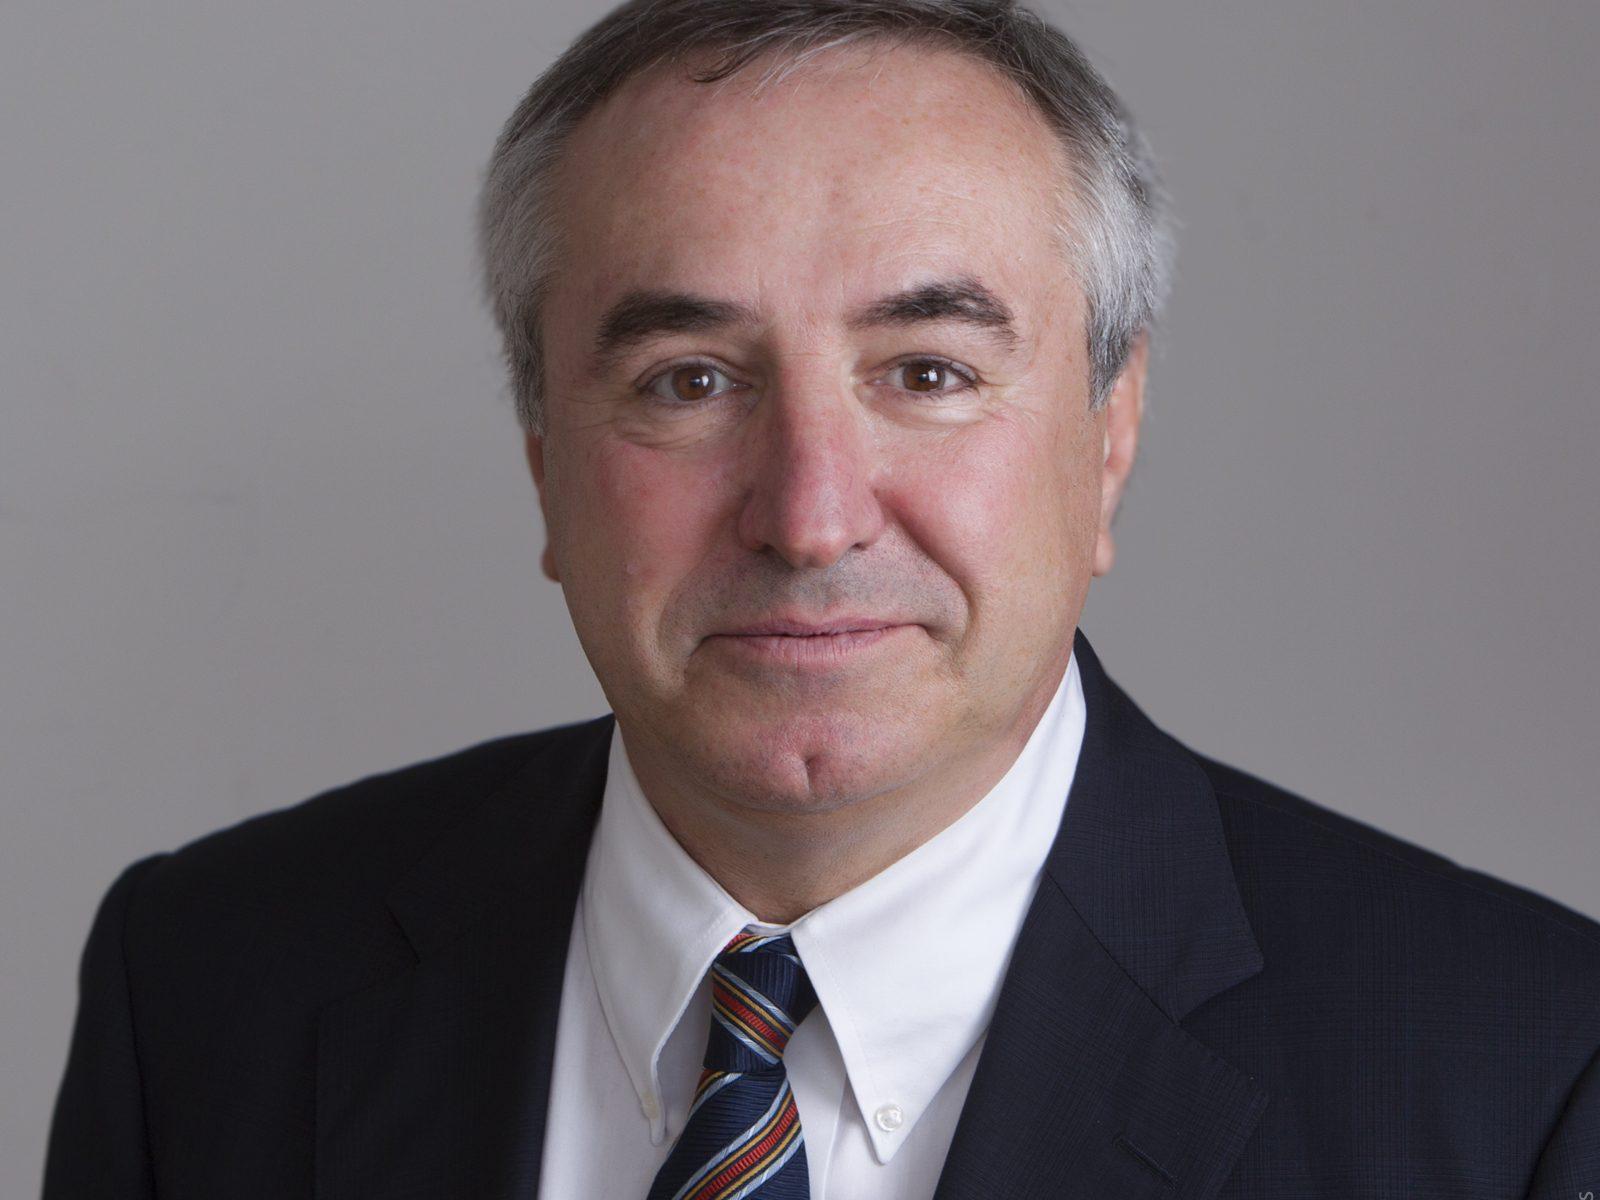 Francis McGuire